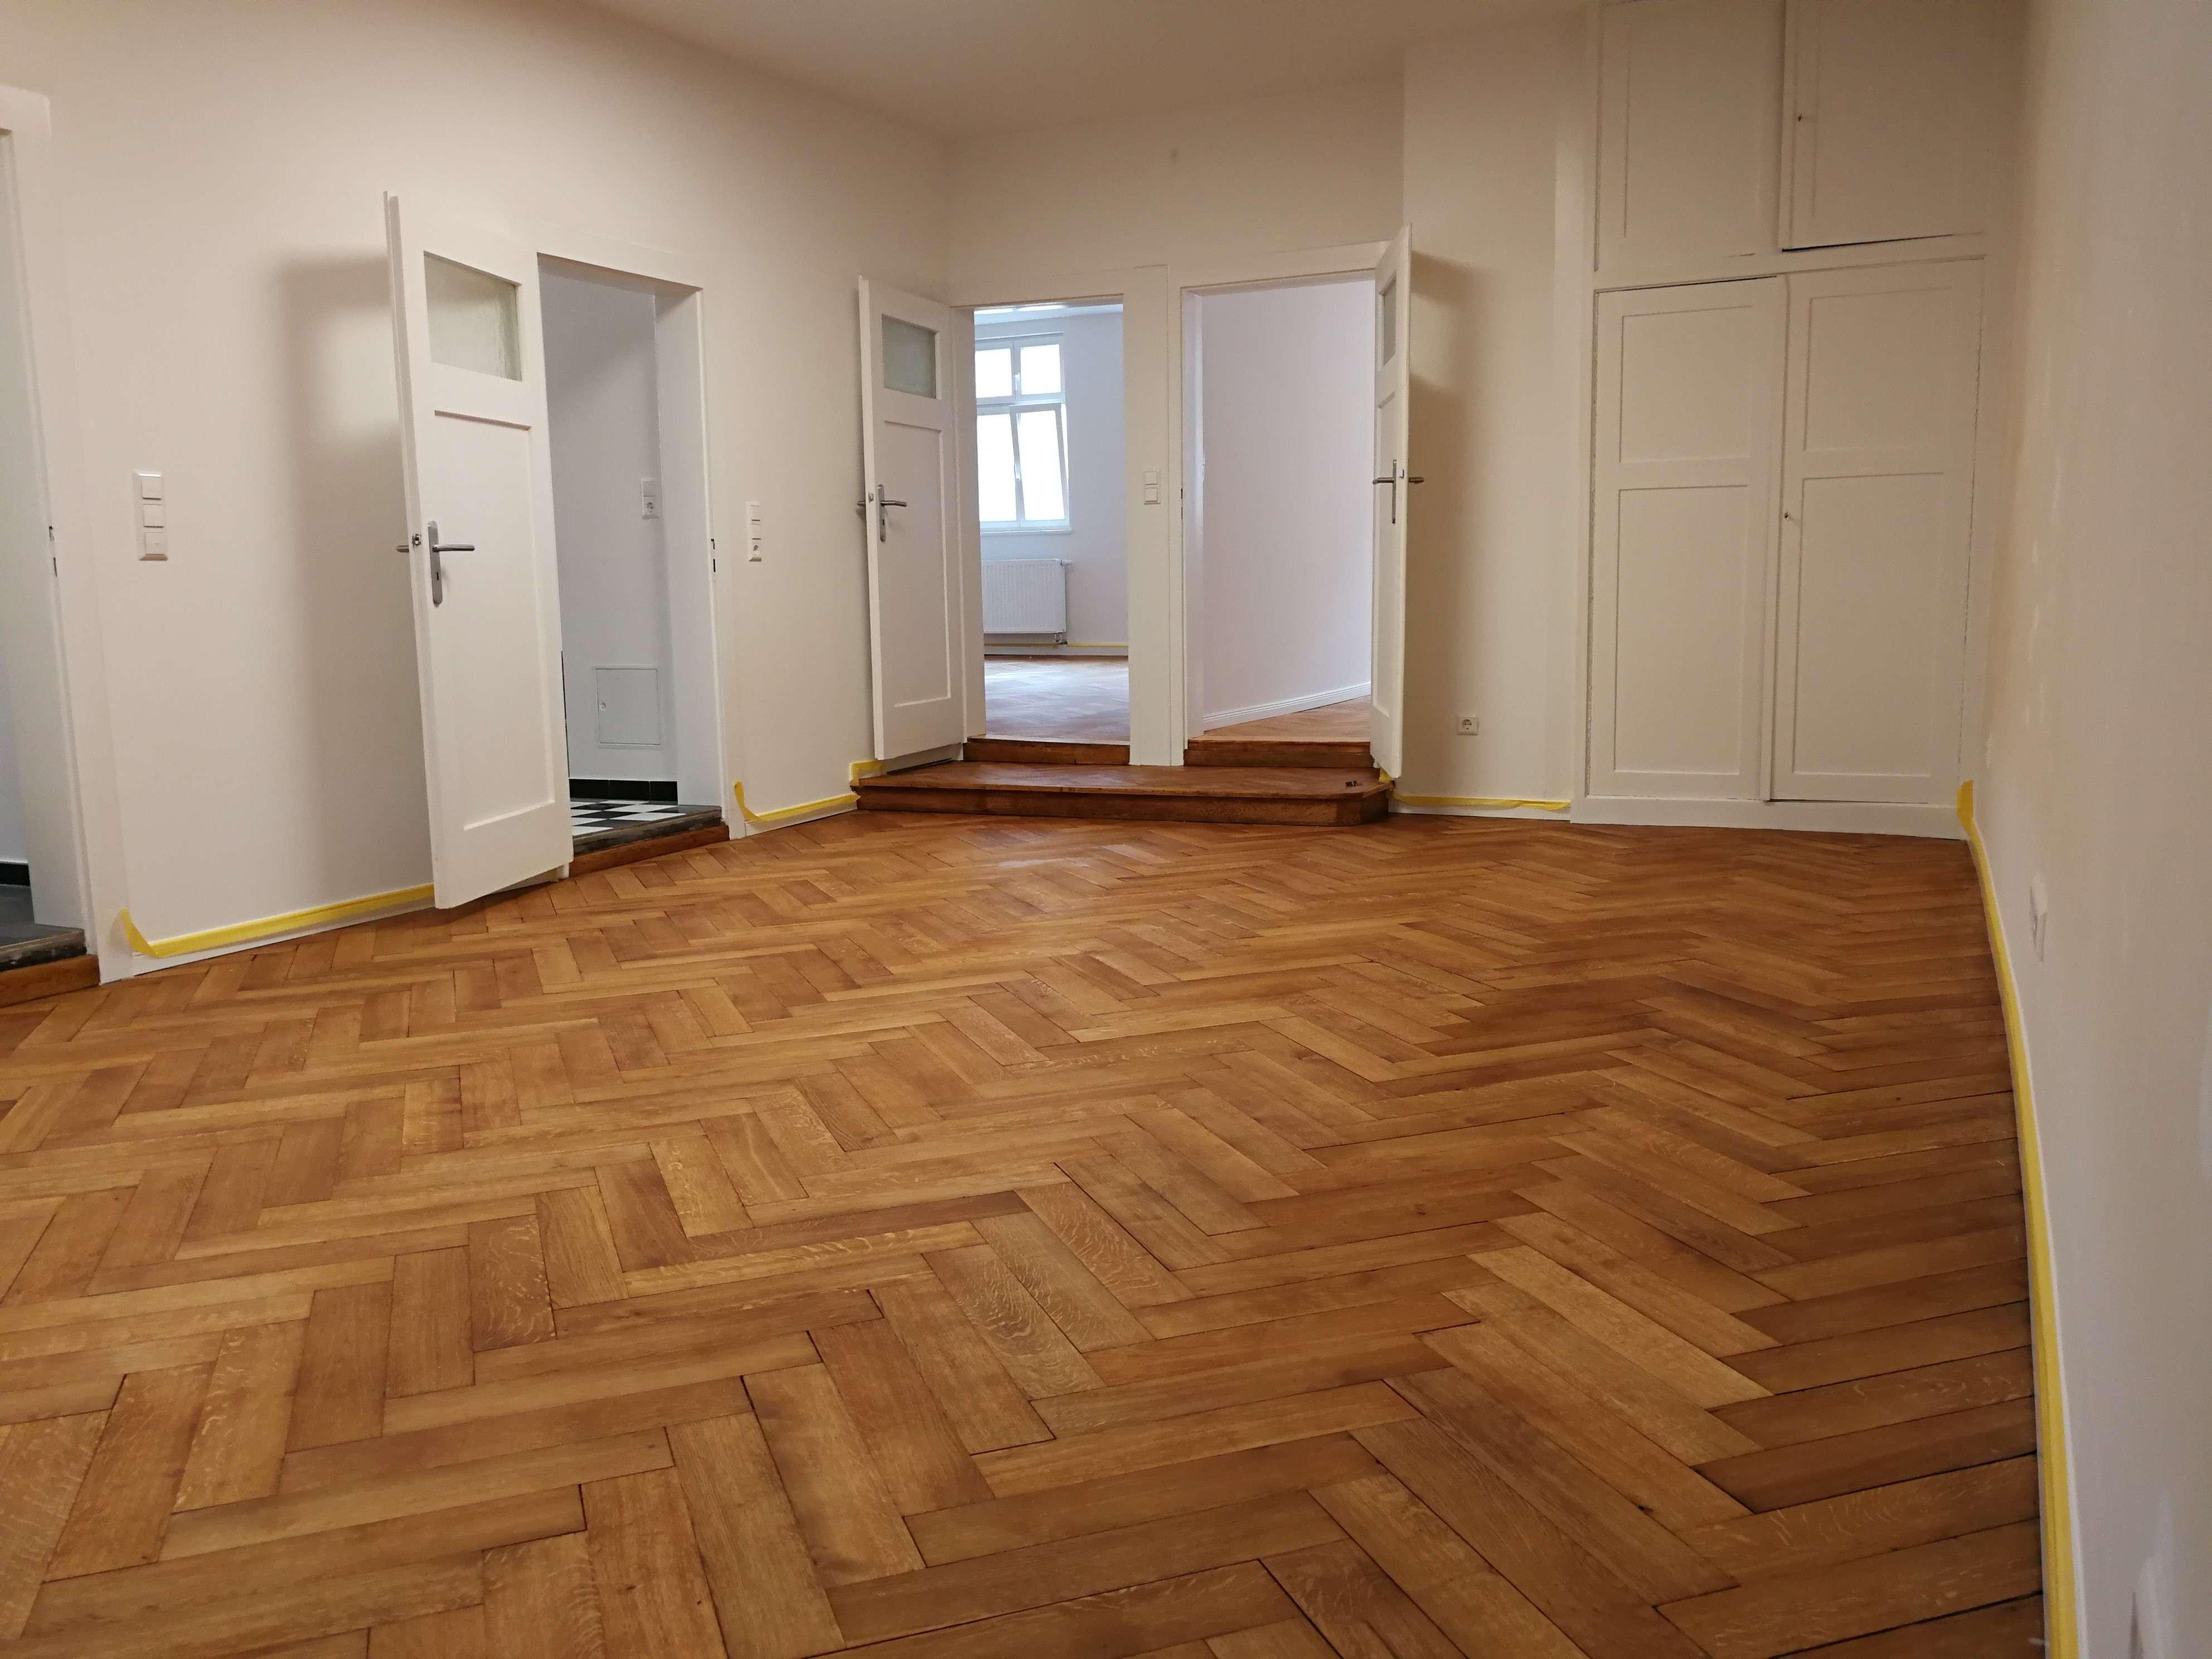 3-plus-1 Zi.-Wohnung in Coburg, Nähe Marktplatz - Erstbezug nach Vollsanierung